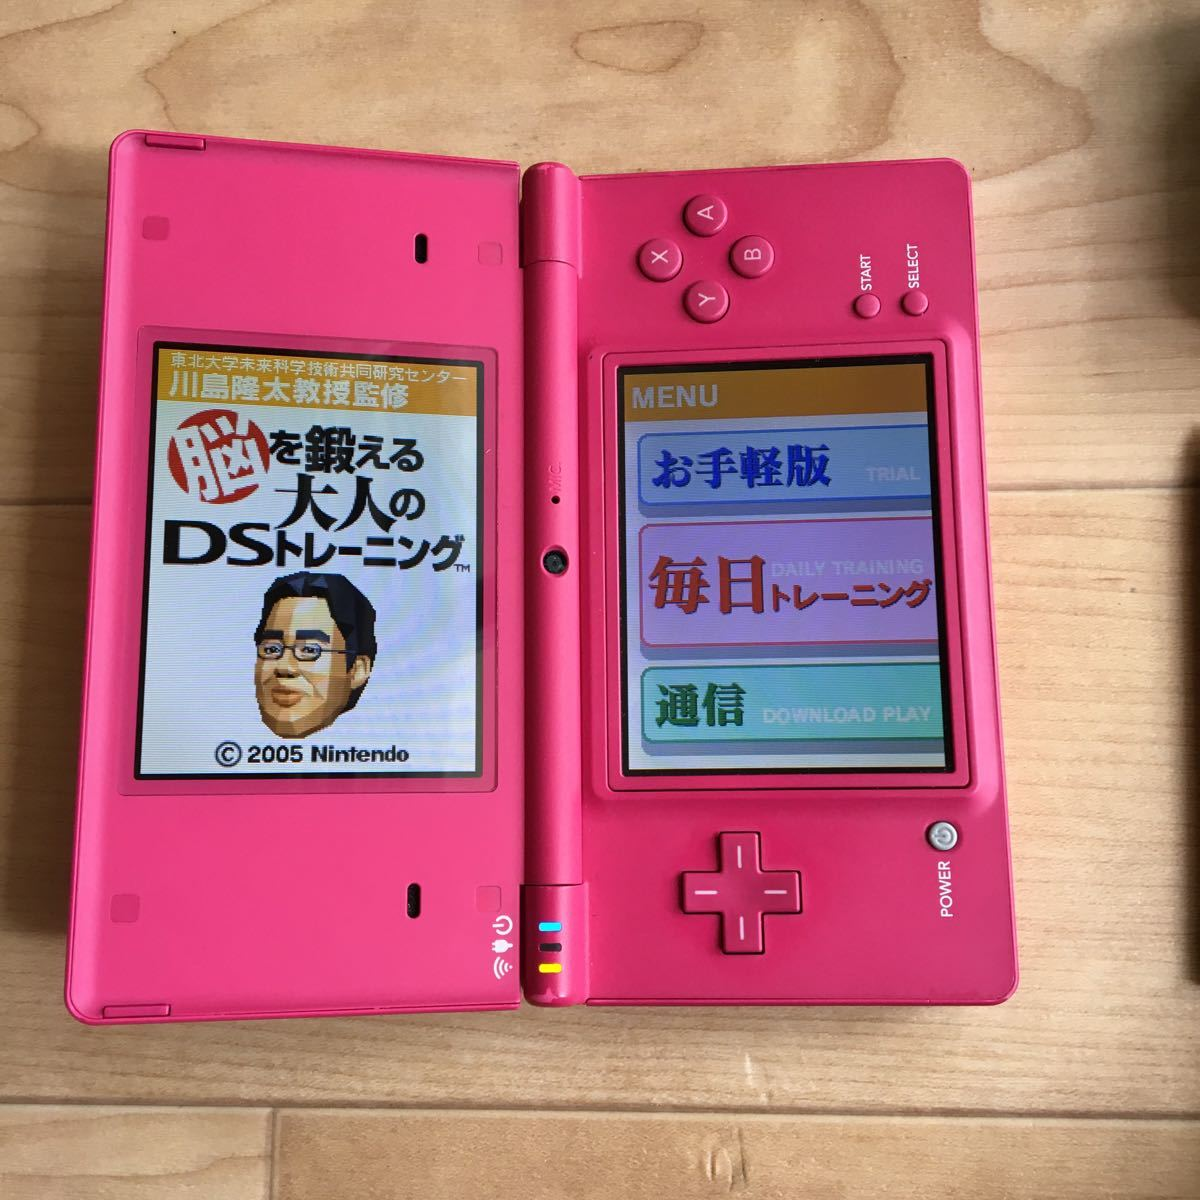 ニンテンドーDSi 完動品 DSi本体 ニンテンドーDS  充電器 ソフト付き DS本体